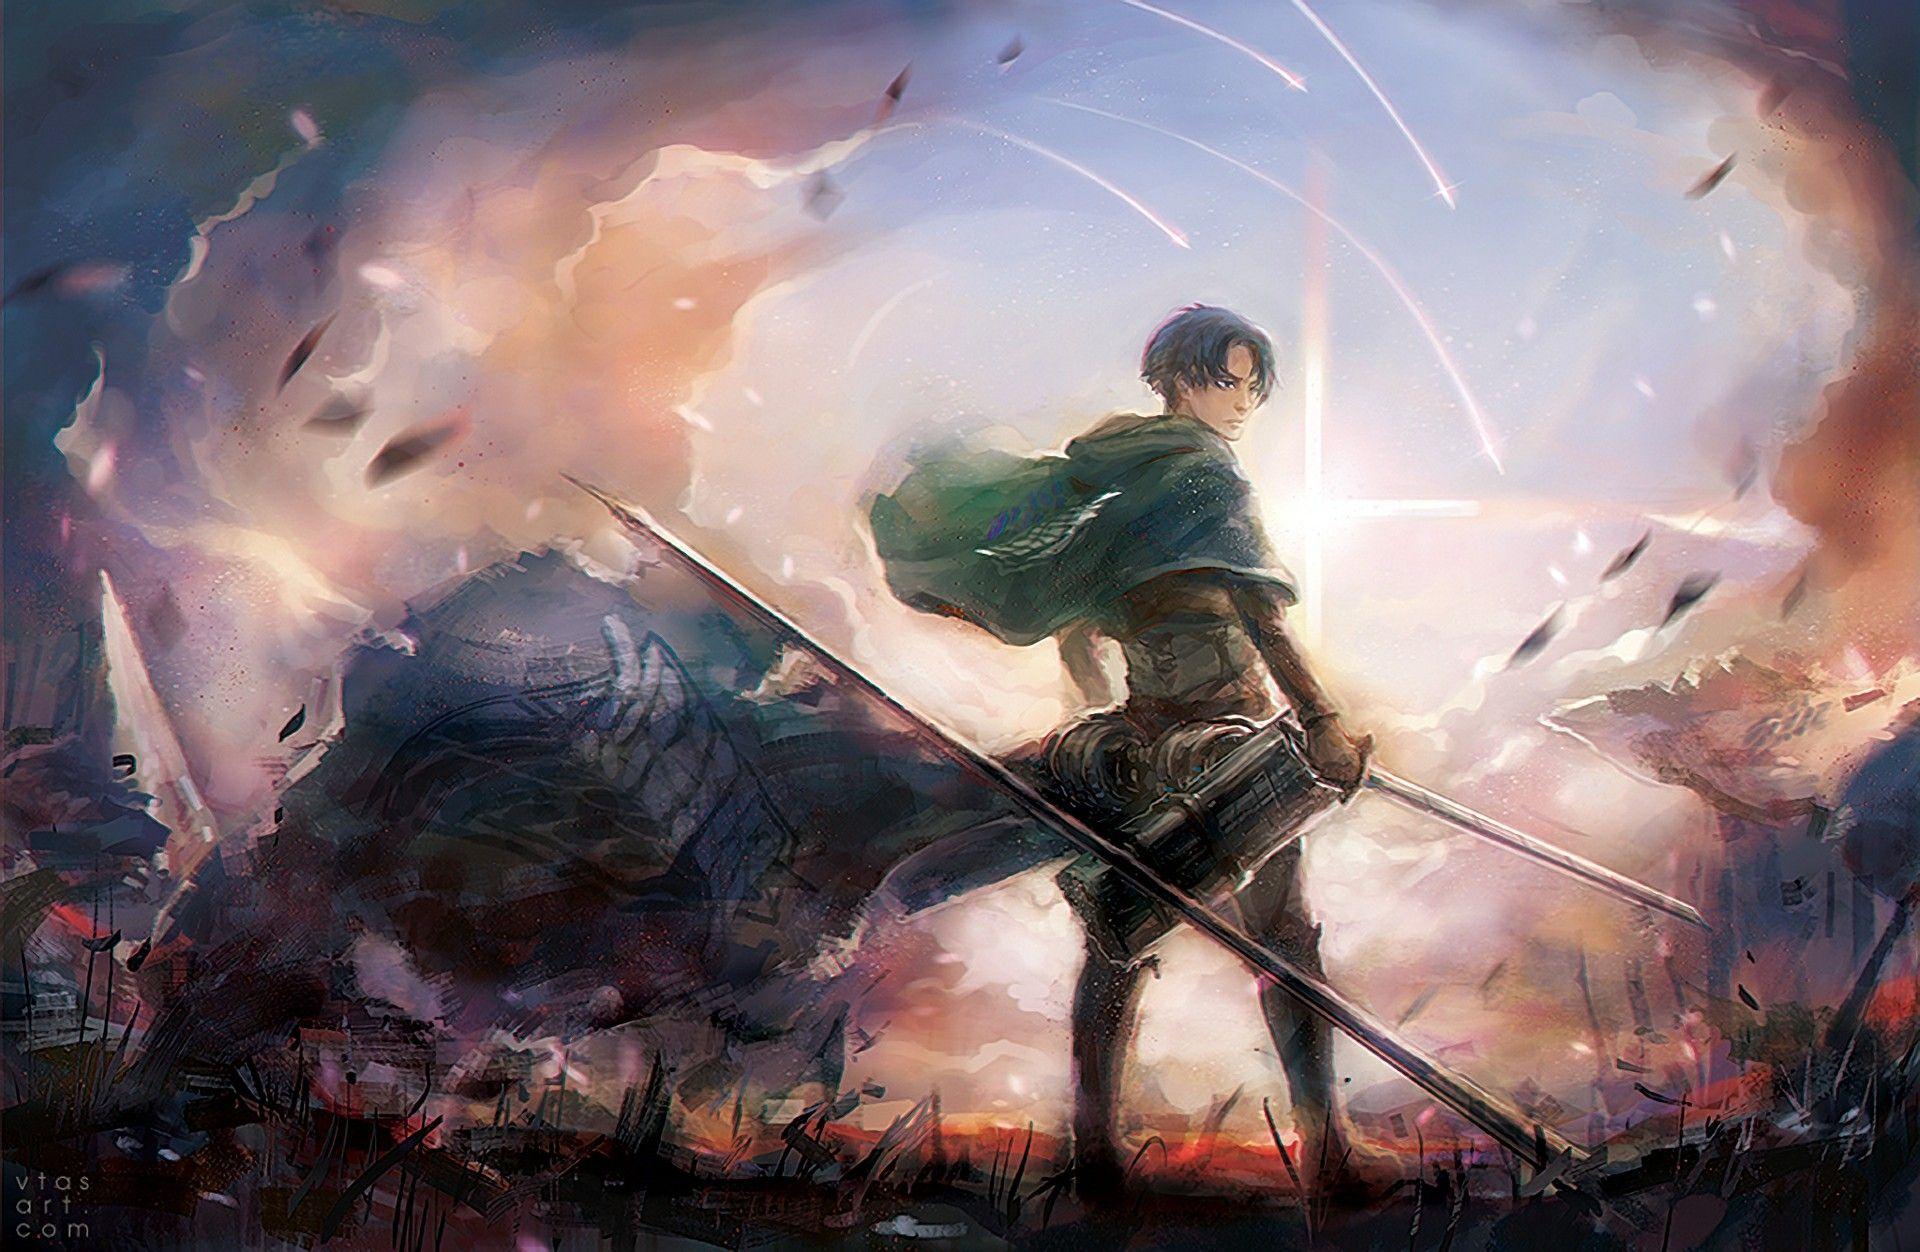 Attack On Titans Wallpaper Levi Shingeki No Kyojin Wallpaper Levi 3139601 Hd Wallpaper Backgrounds Download